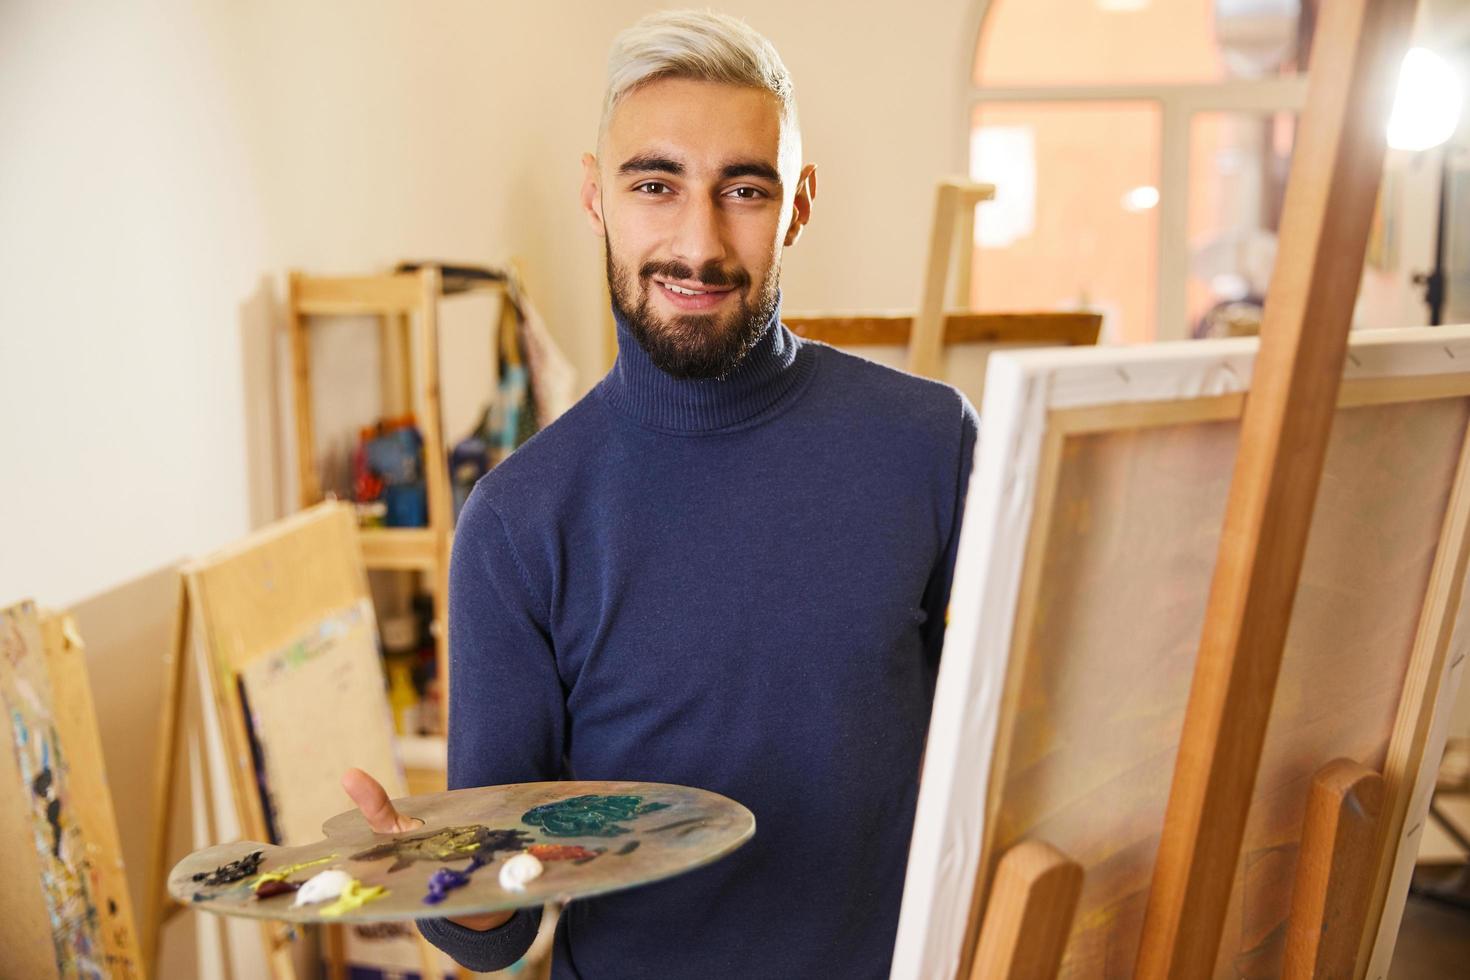 homem desenha uma pintura a óleo e sorri foto